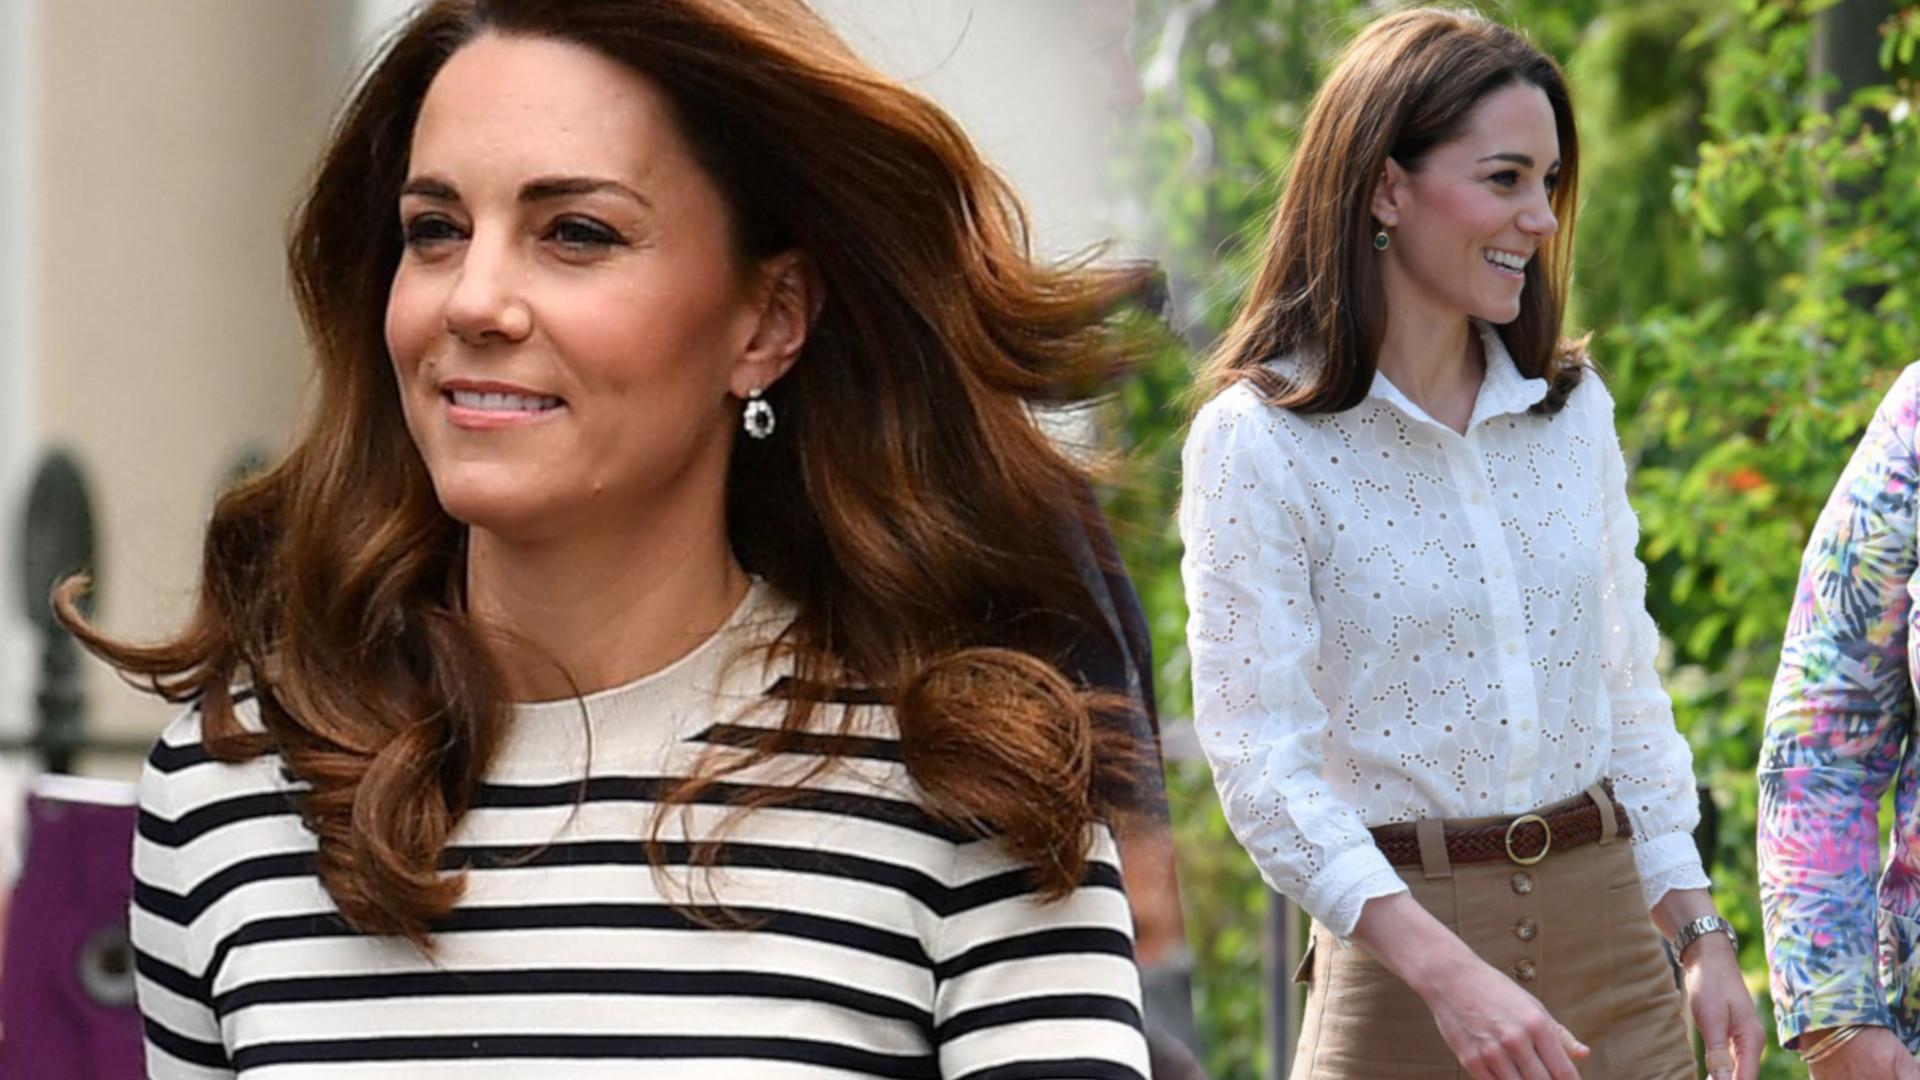 Ekspertka od mowy ciała zauważyła u księżnej Kate coś, czego się nie spodziewaliśmy